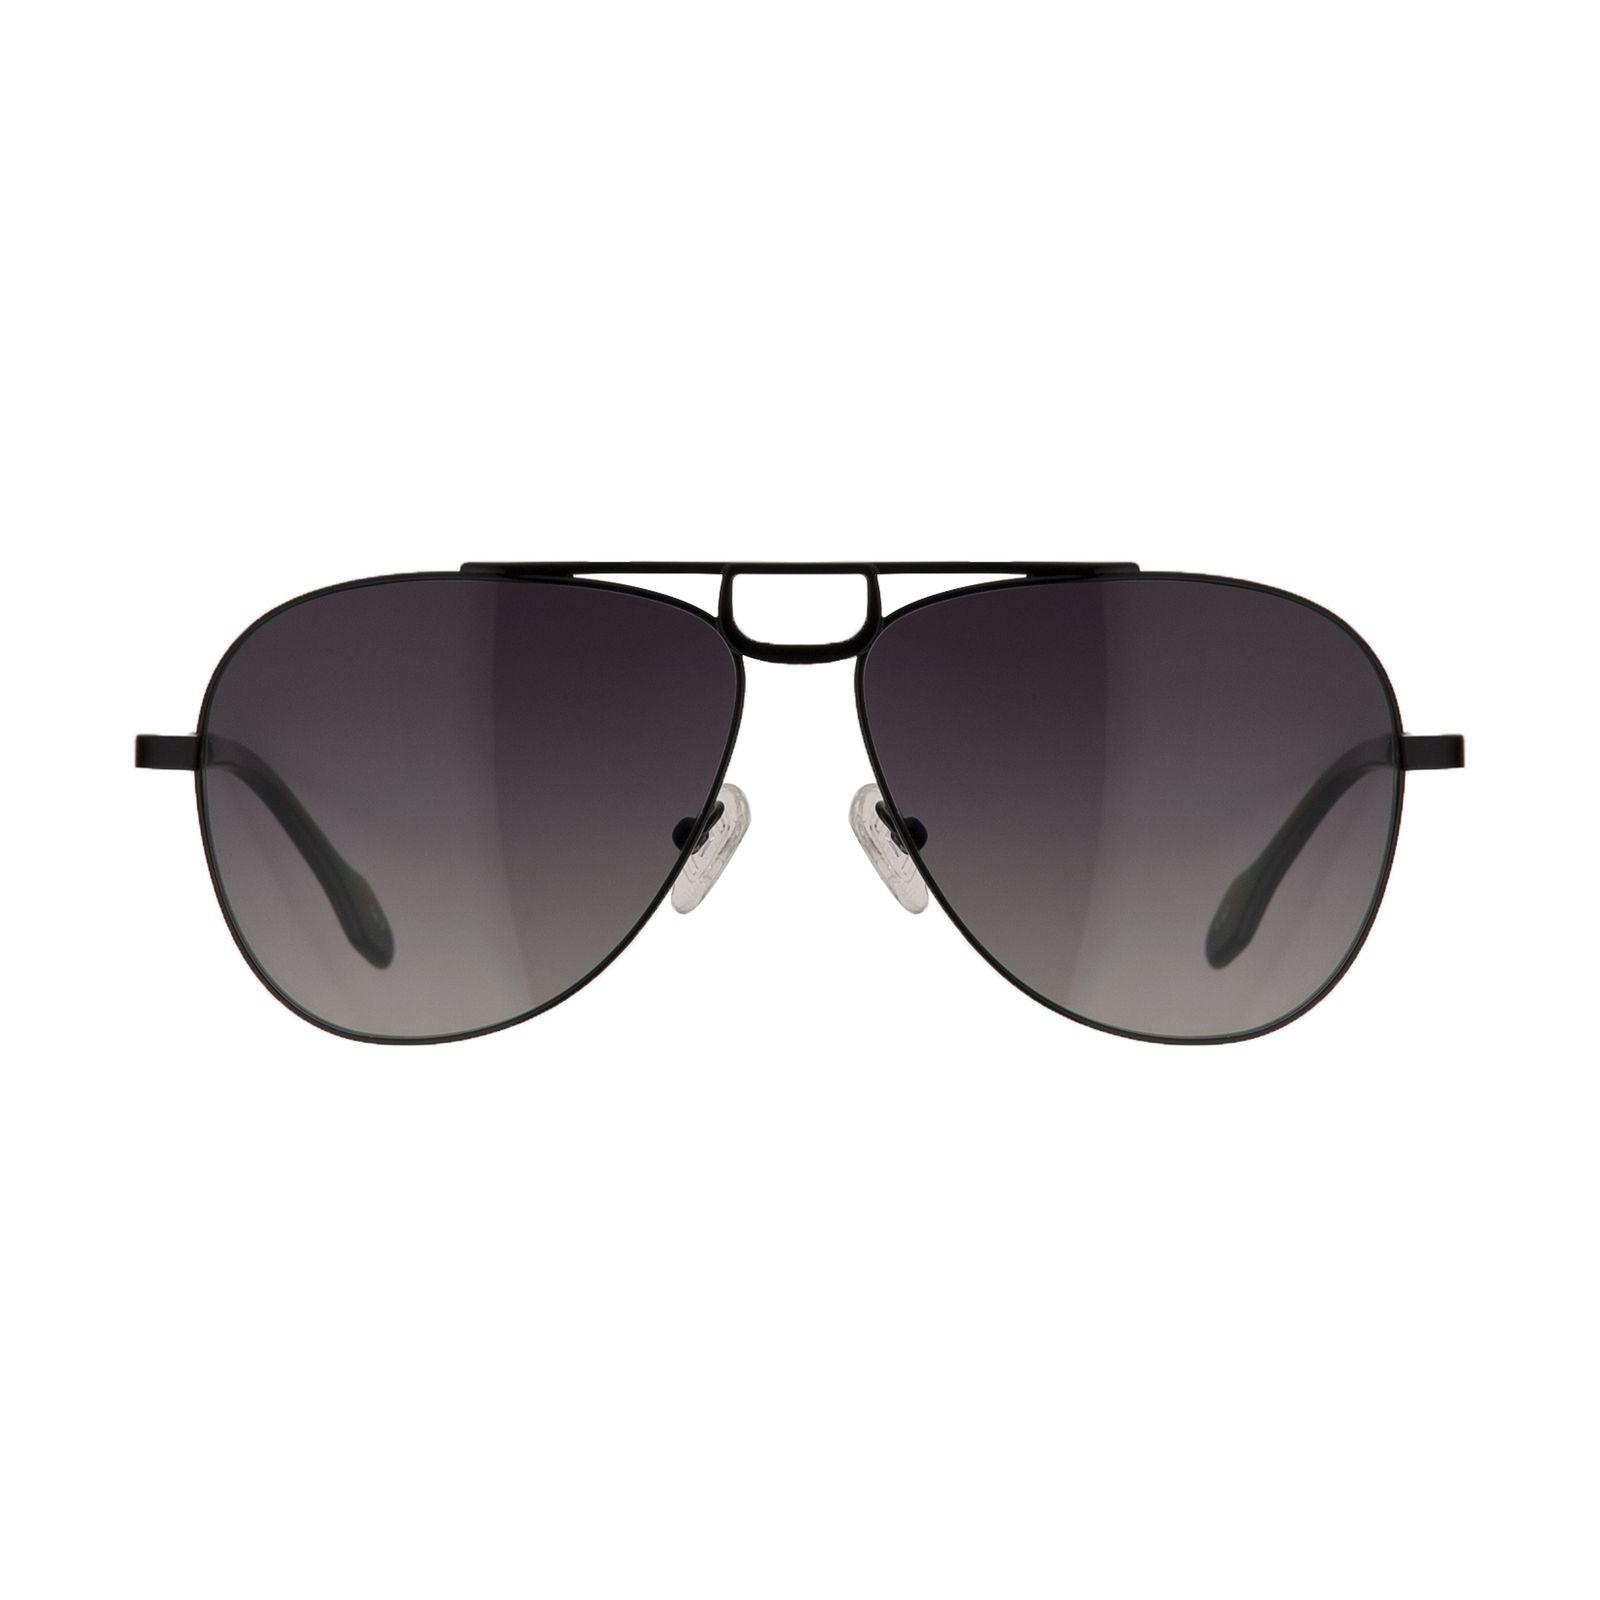 عینک آفتابی جی اف فره مدل GFF1270004 -  - 2